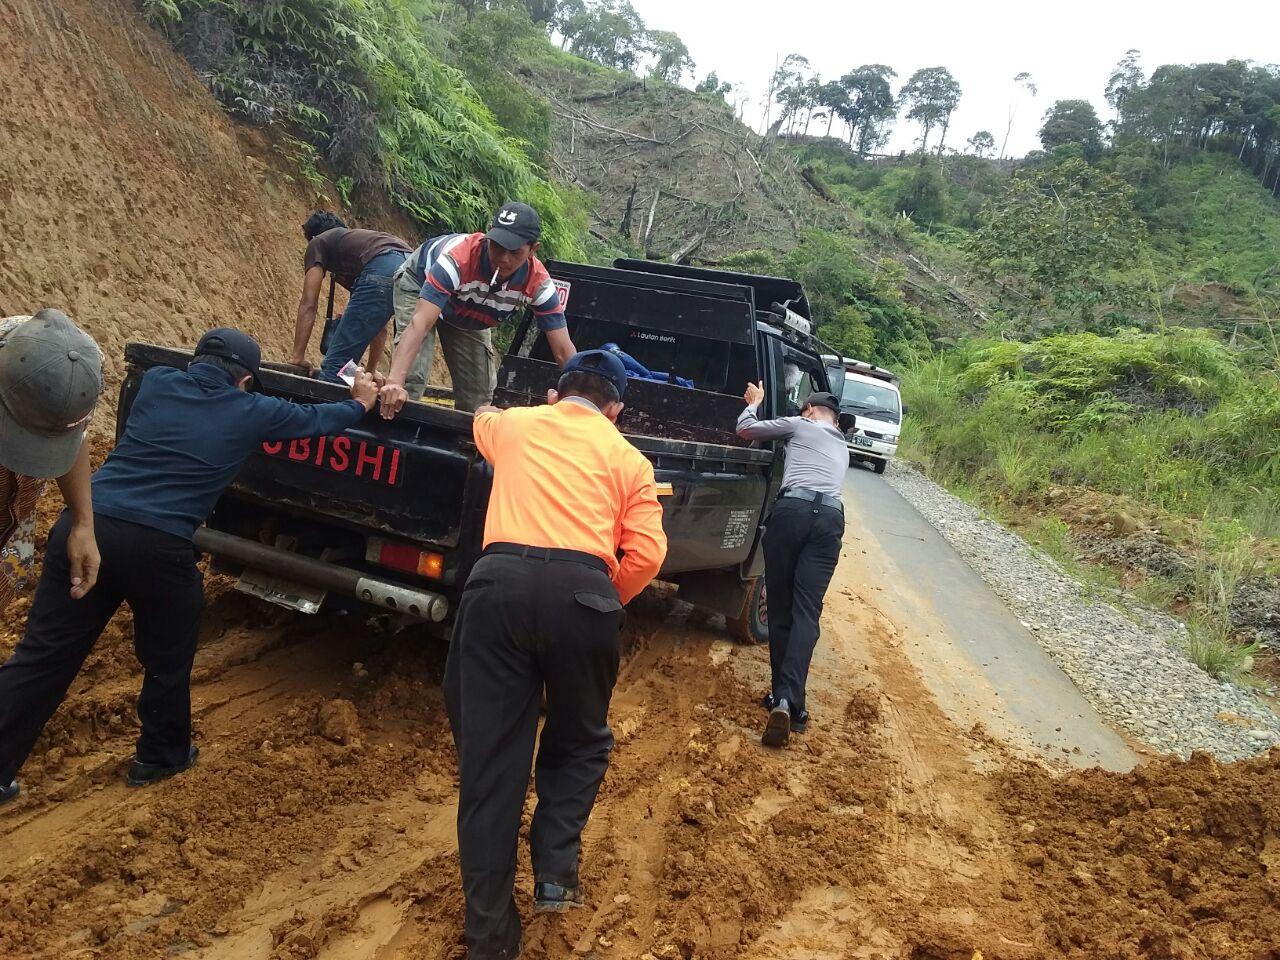 Polsek Giri Mulya Bersama Masyarakat Gotong-royong Bersihkan Material Longsor